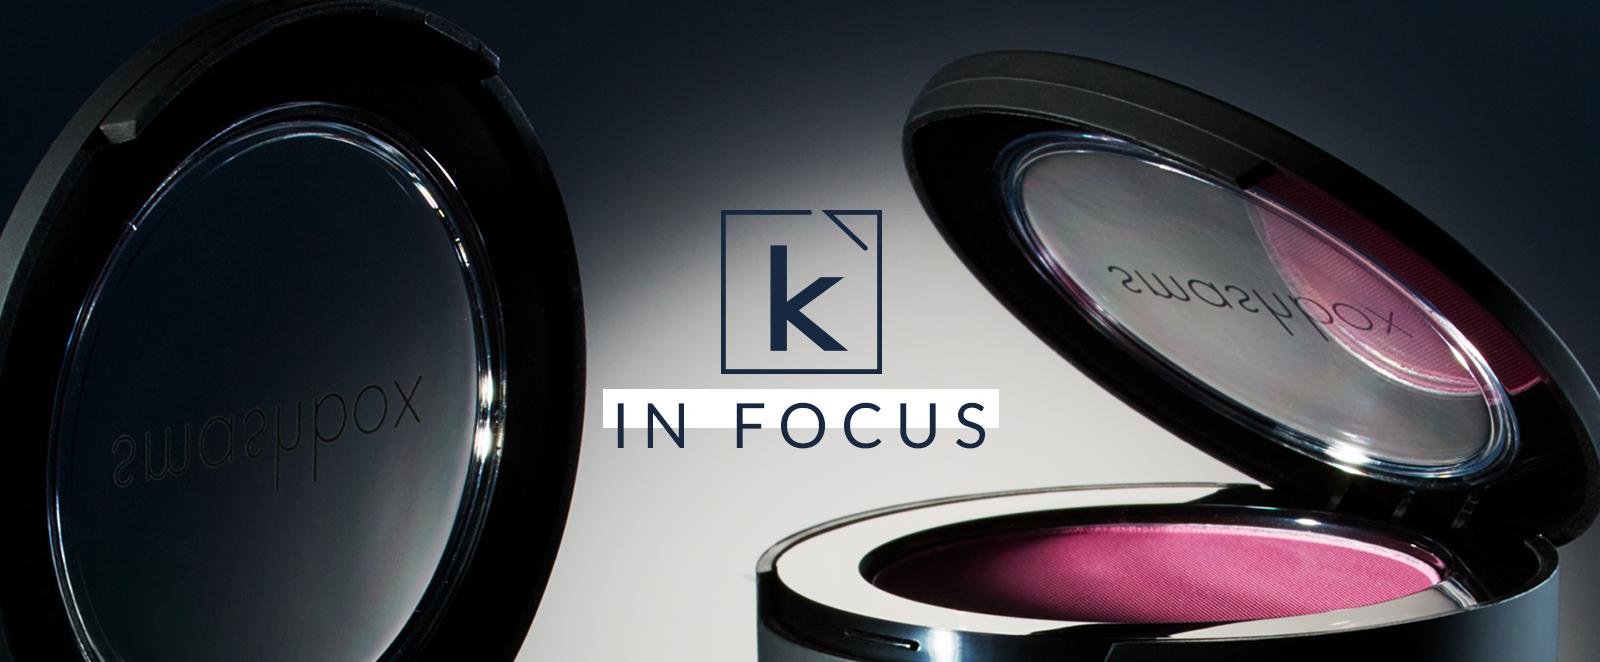 blog-promos-close-up-makeup-compact